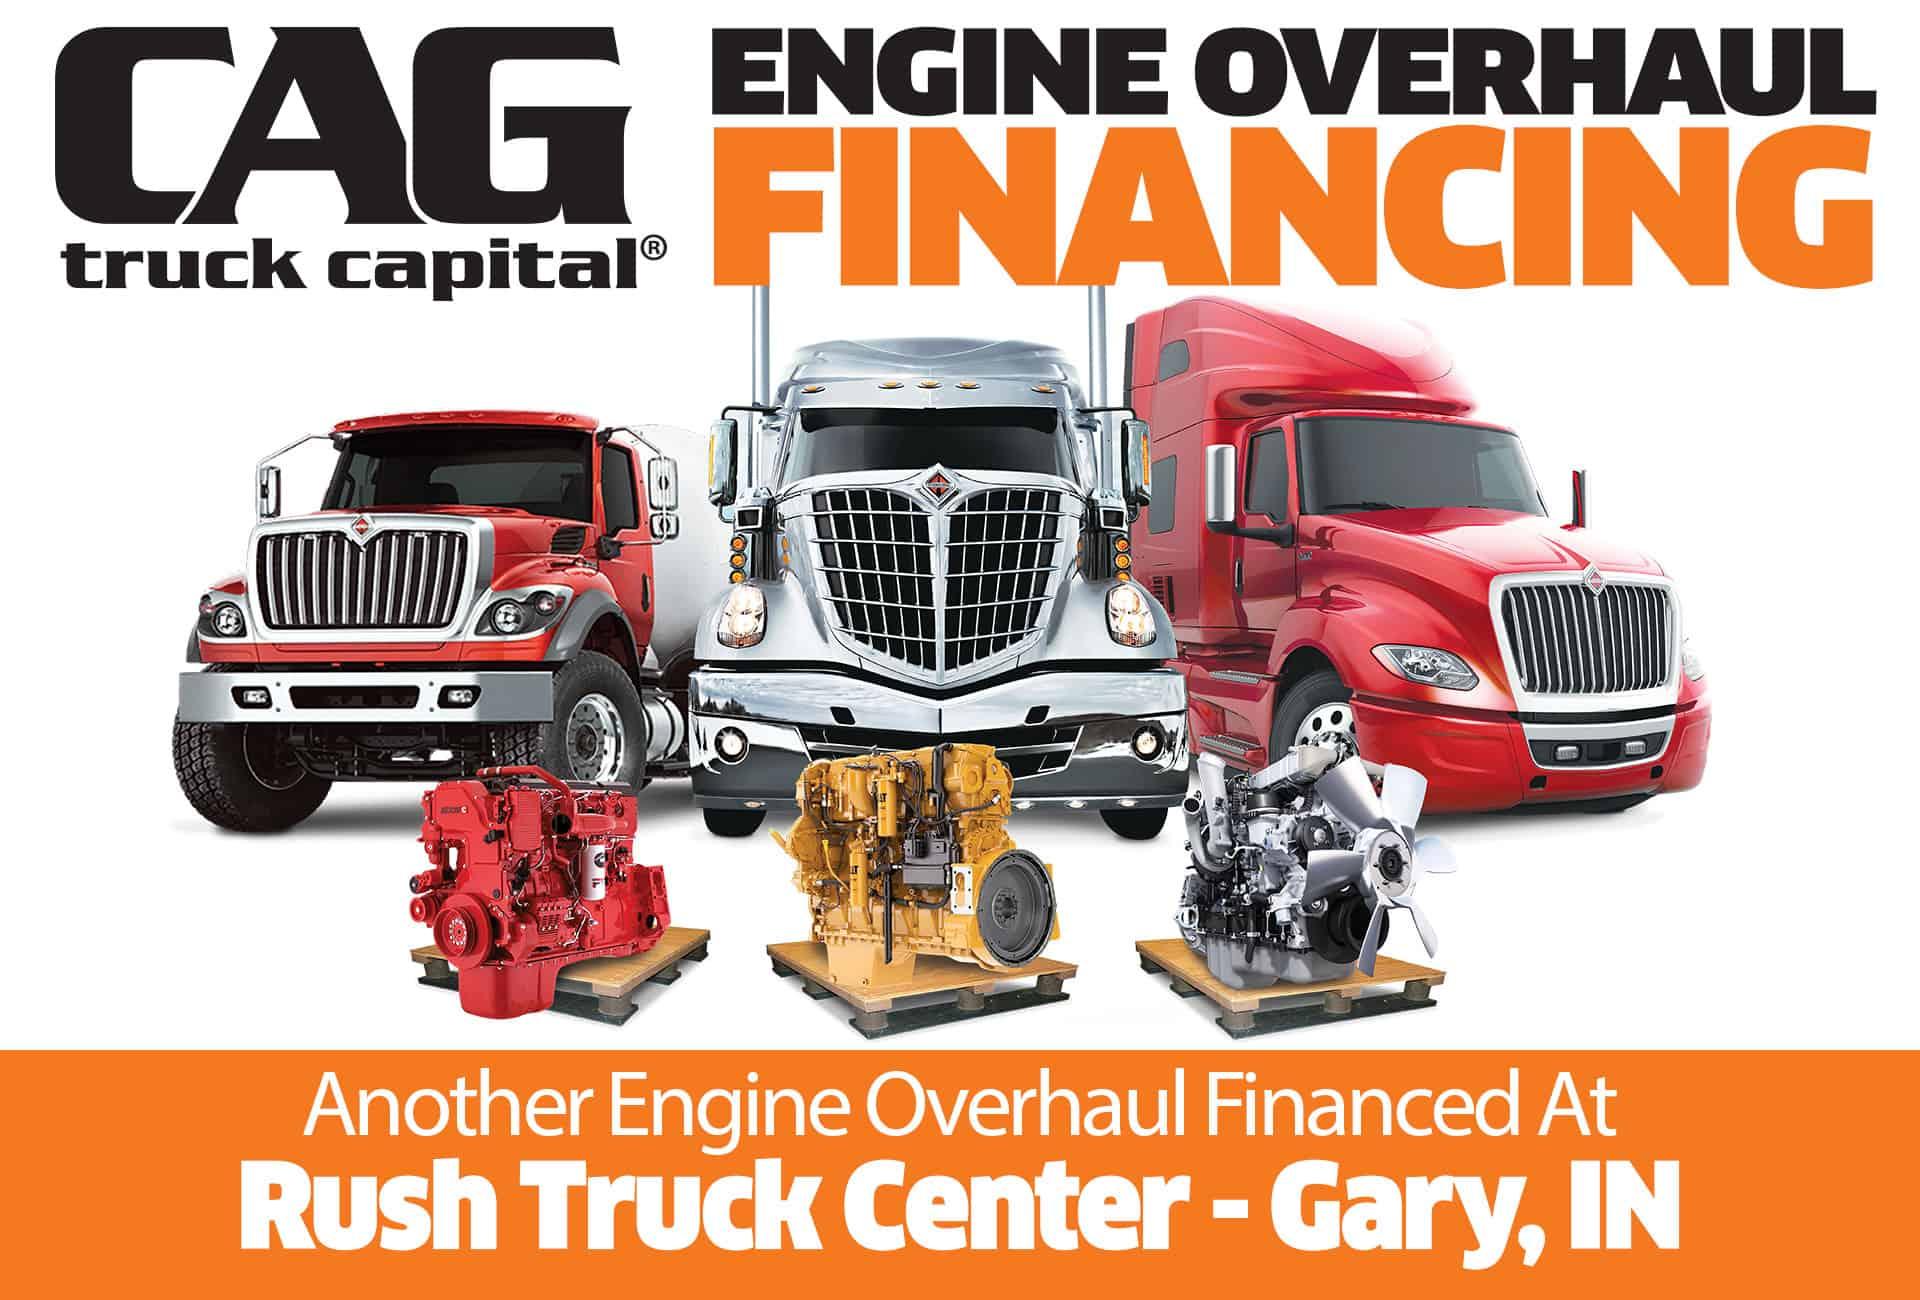 Rush Truck Center Gary IN